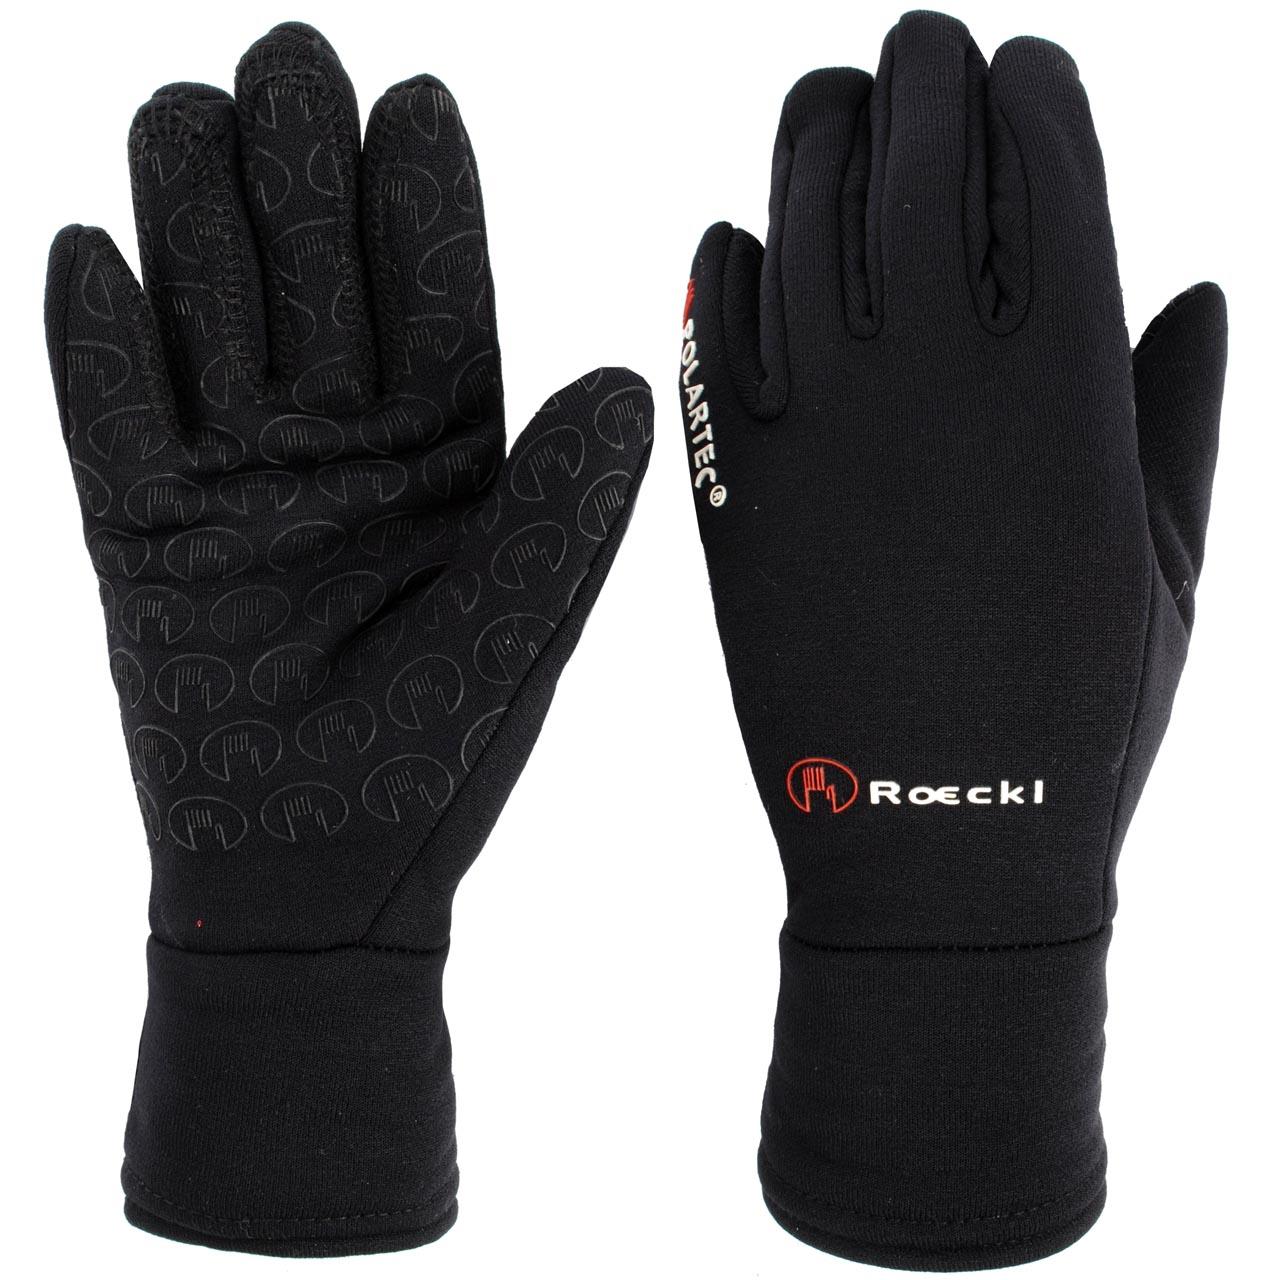 Roeckl Warwick jr handschoenen zwart maat:5